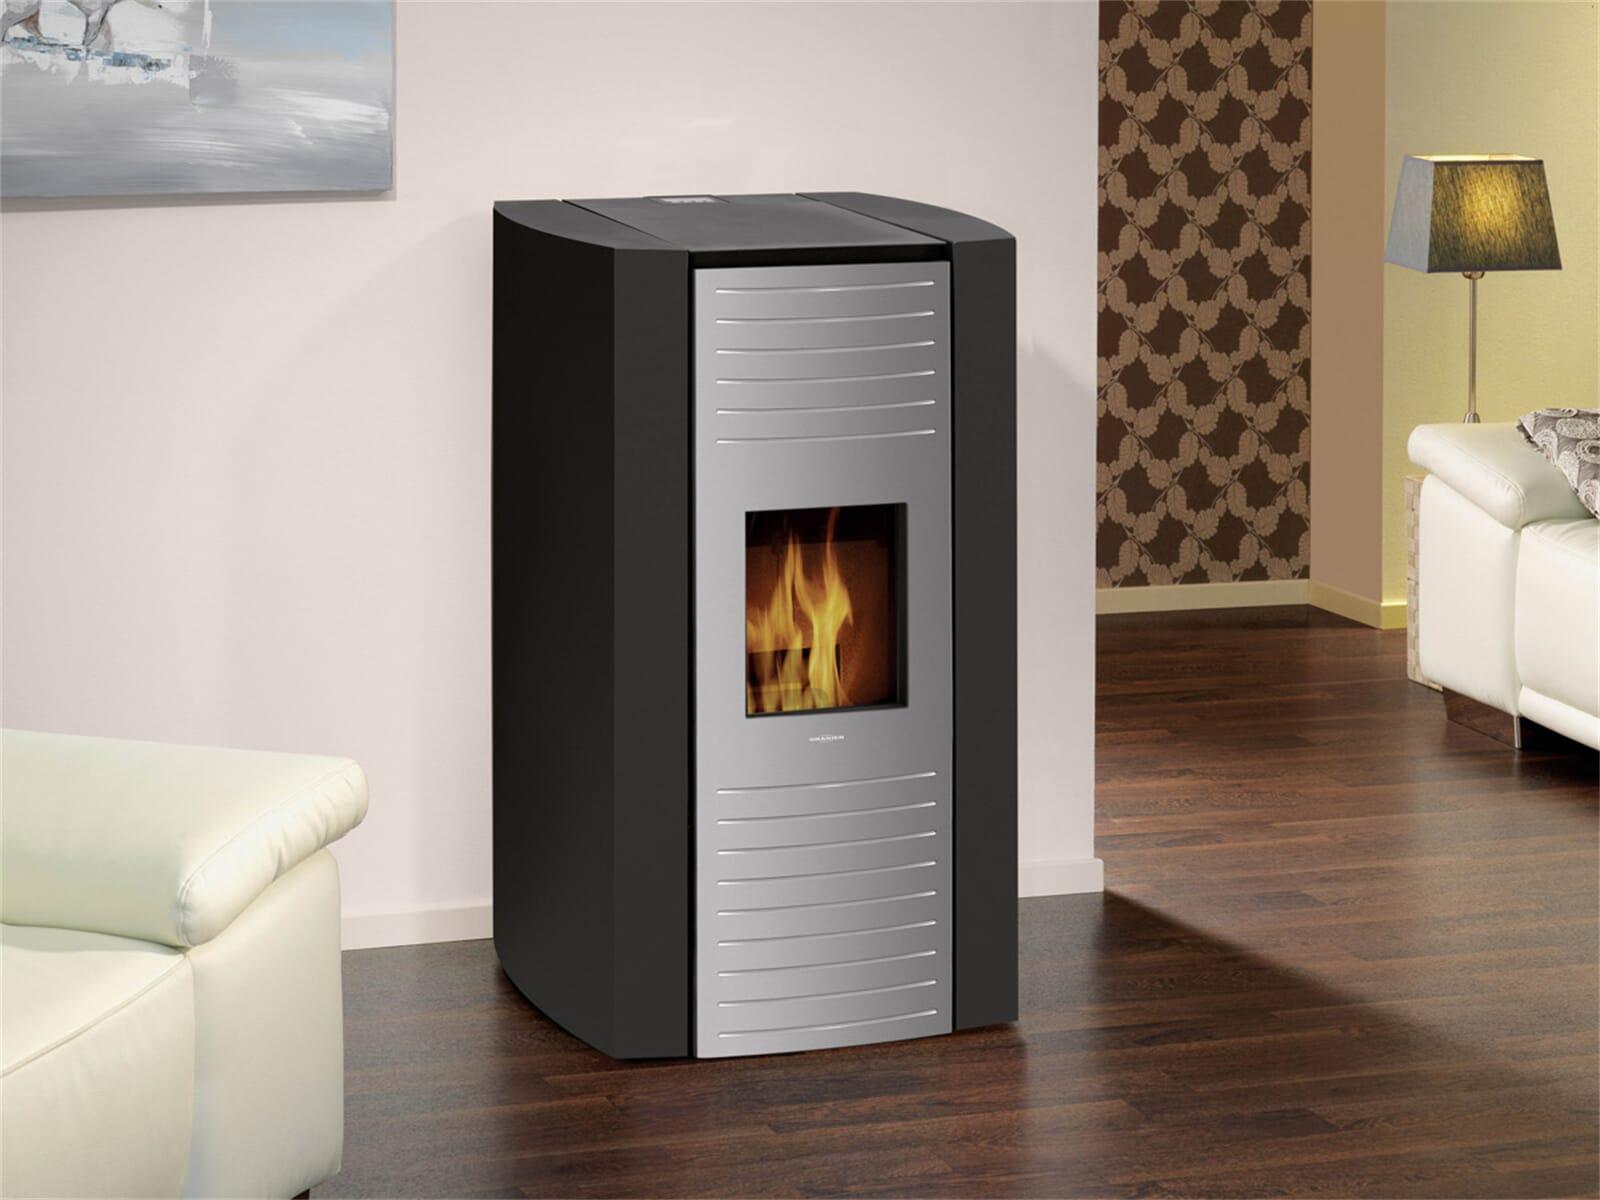 oranier bora 12 preisvergleich kaminofen g nstig kaufen bei. Black Bedroom Furniture Sets. Home Design Ideas